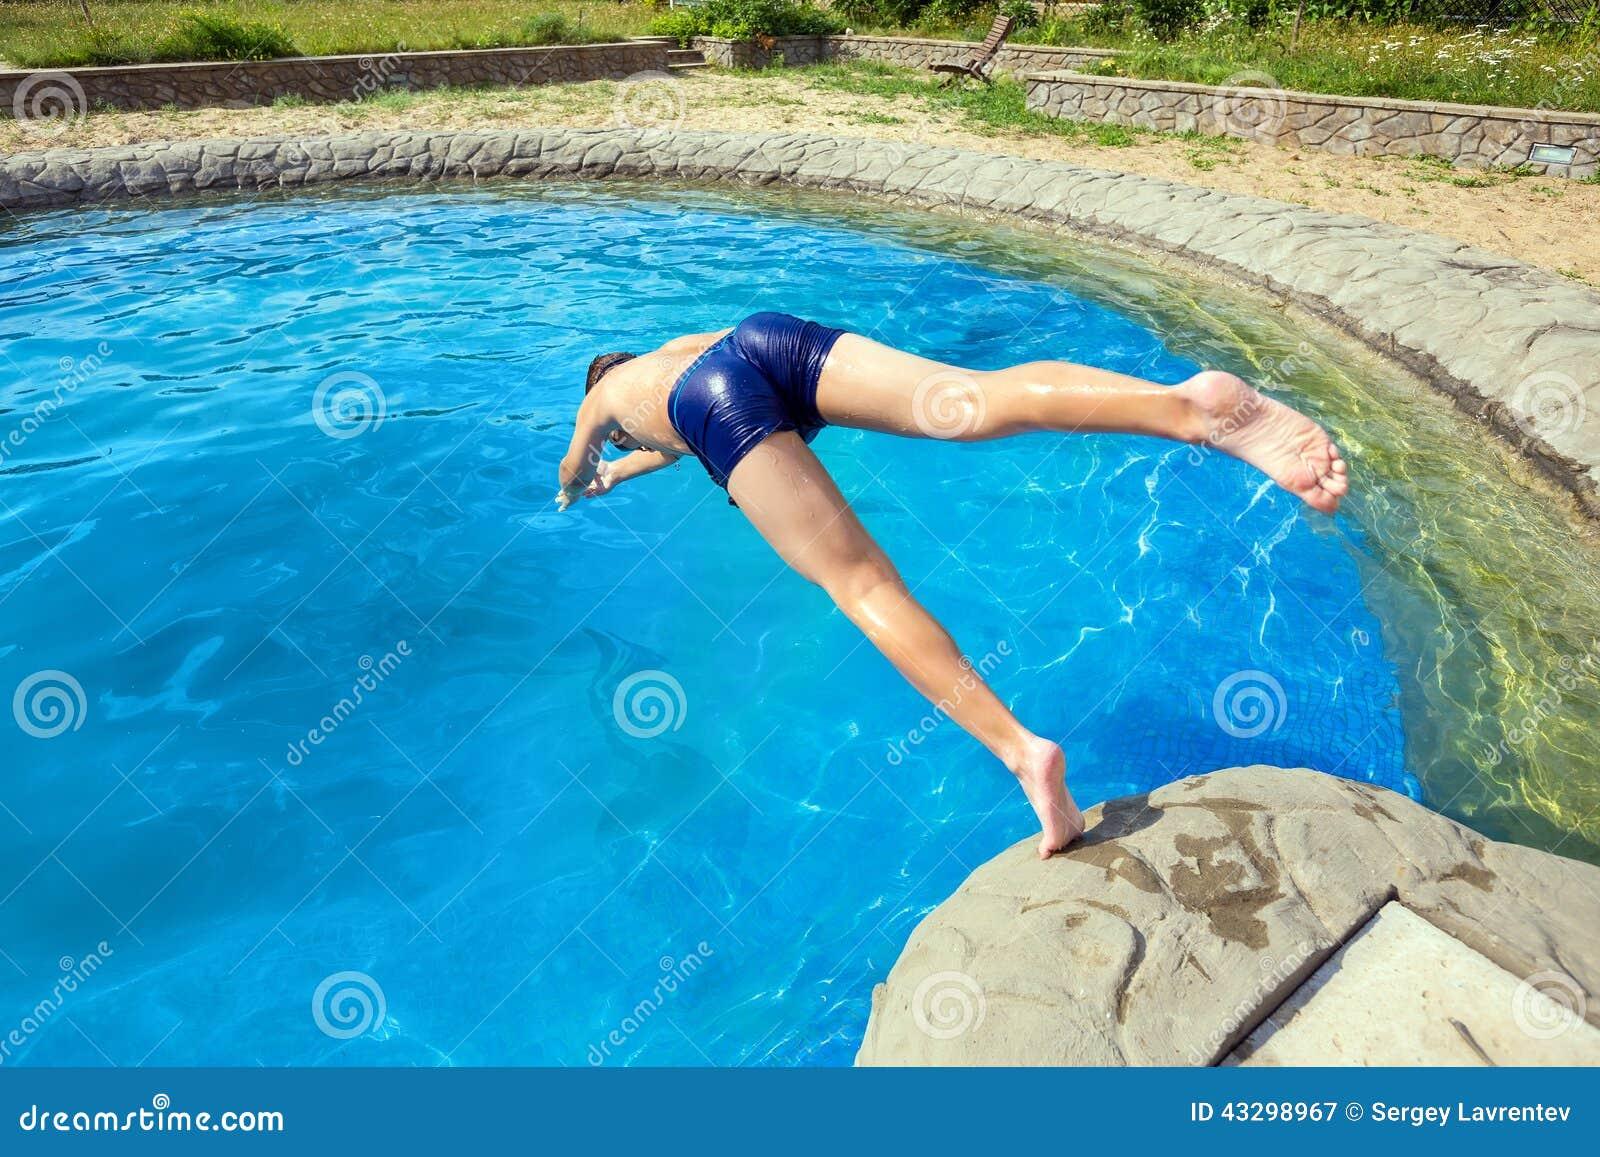 L 39 adolescent sautant dans la piscine image stock image for Piscine xs prix